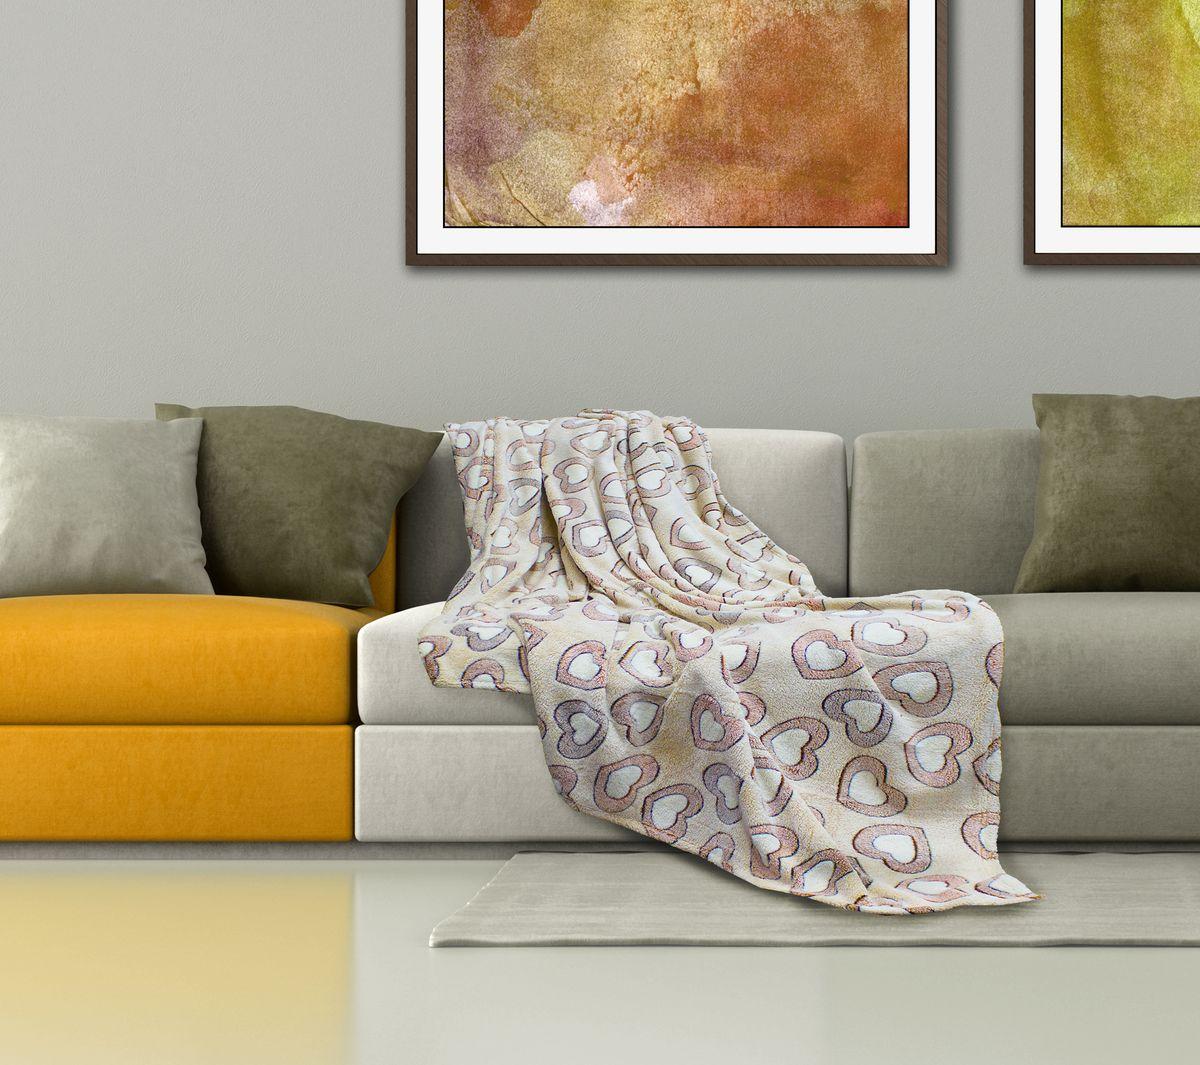 Плед Buenas Noches Bamboo, цвет: молочный, коричневый, 150 см х 200 см69543Плед Buenas Noches - это идеальное решение для вашего интерьера! Он порадует вас легкостью, нежностью и оригинальным дизайном! Плед выполнен из 100% полиэстера и оформлен изображением разноцветных камешков. Полиэстер считается одной из самых популярных тканей. Это материал синтетического происхождения из полиэфирных волокон. Изделия из полиэстера не мнутся и легко стираются. После стирки очень быстро высыхают. Плед - это такой подарок, который будет всегда актуален, особенно для ваших родных и близких, ведь вы дарите им частичку своего тепла! Продукция торговой марки Buenas Noches сделана с особой заботой, специально для вас и уюта в вашем доме! Состав: 100% полиэстер.